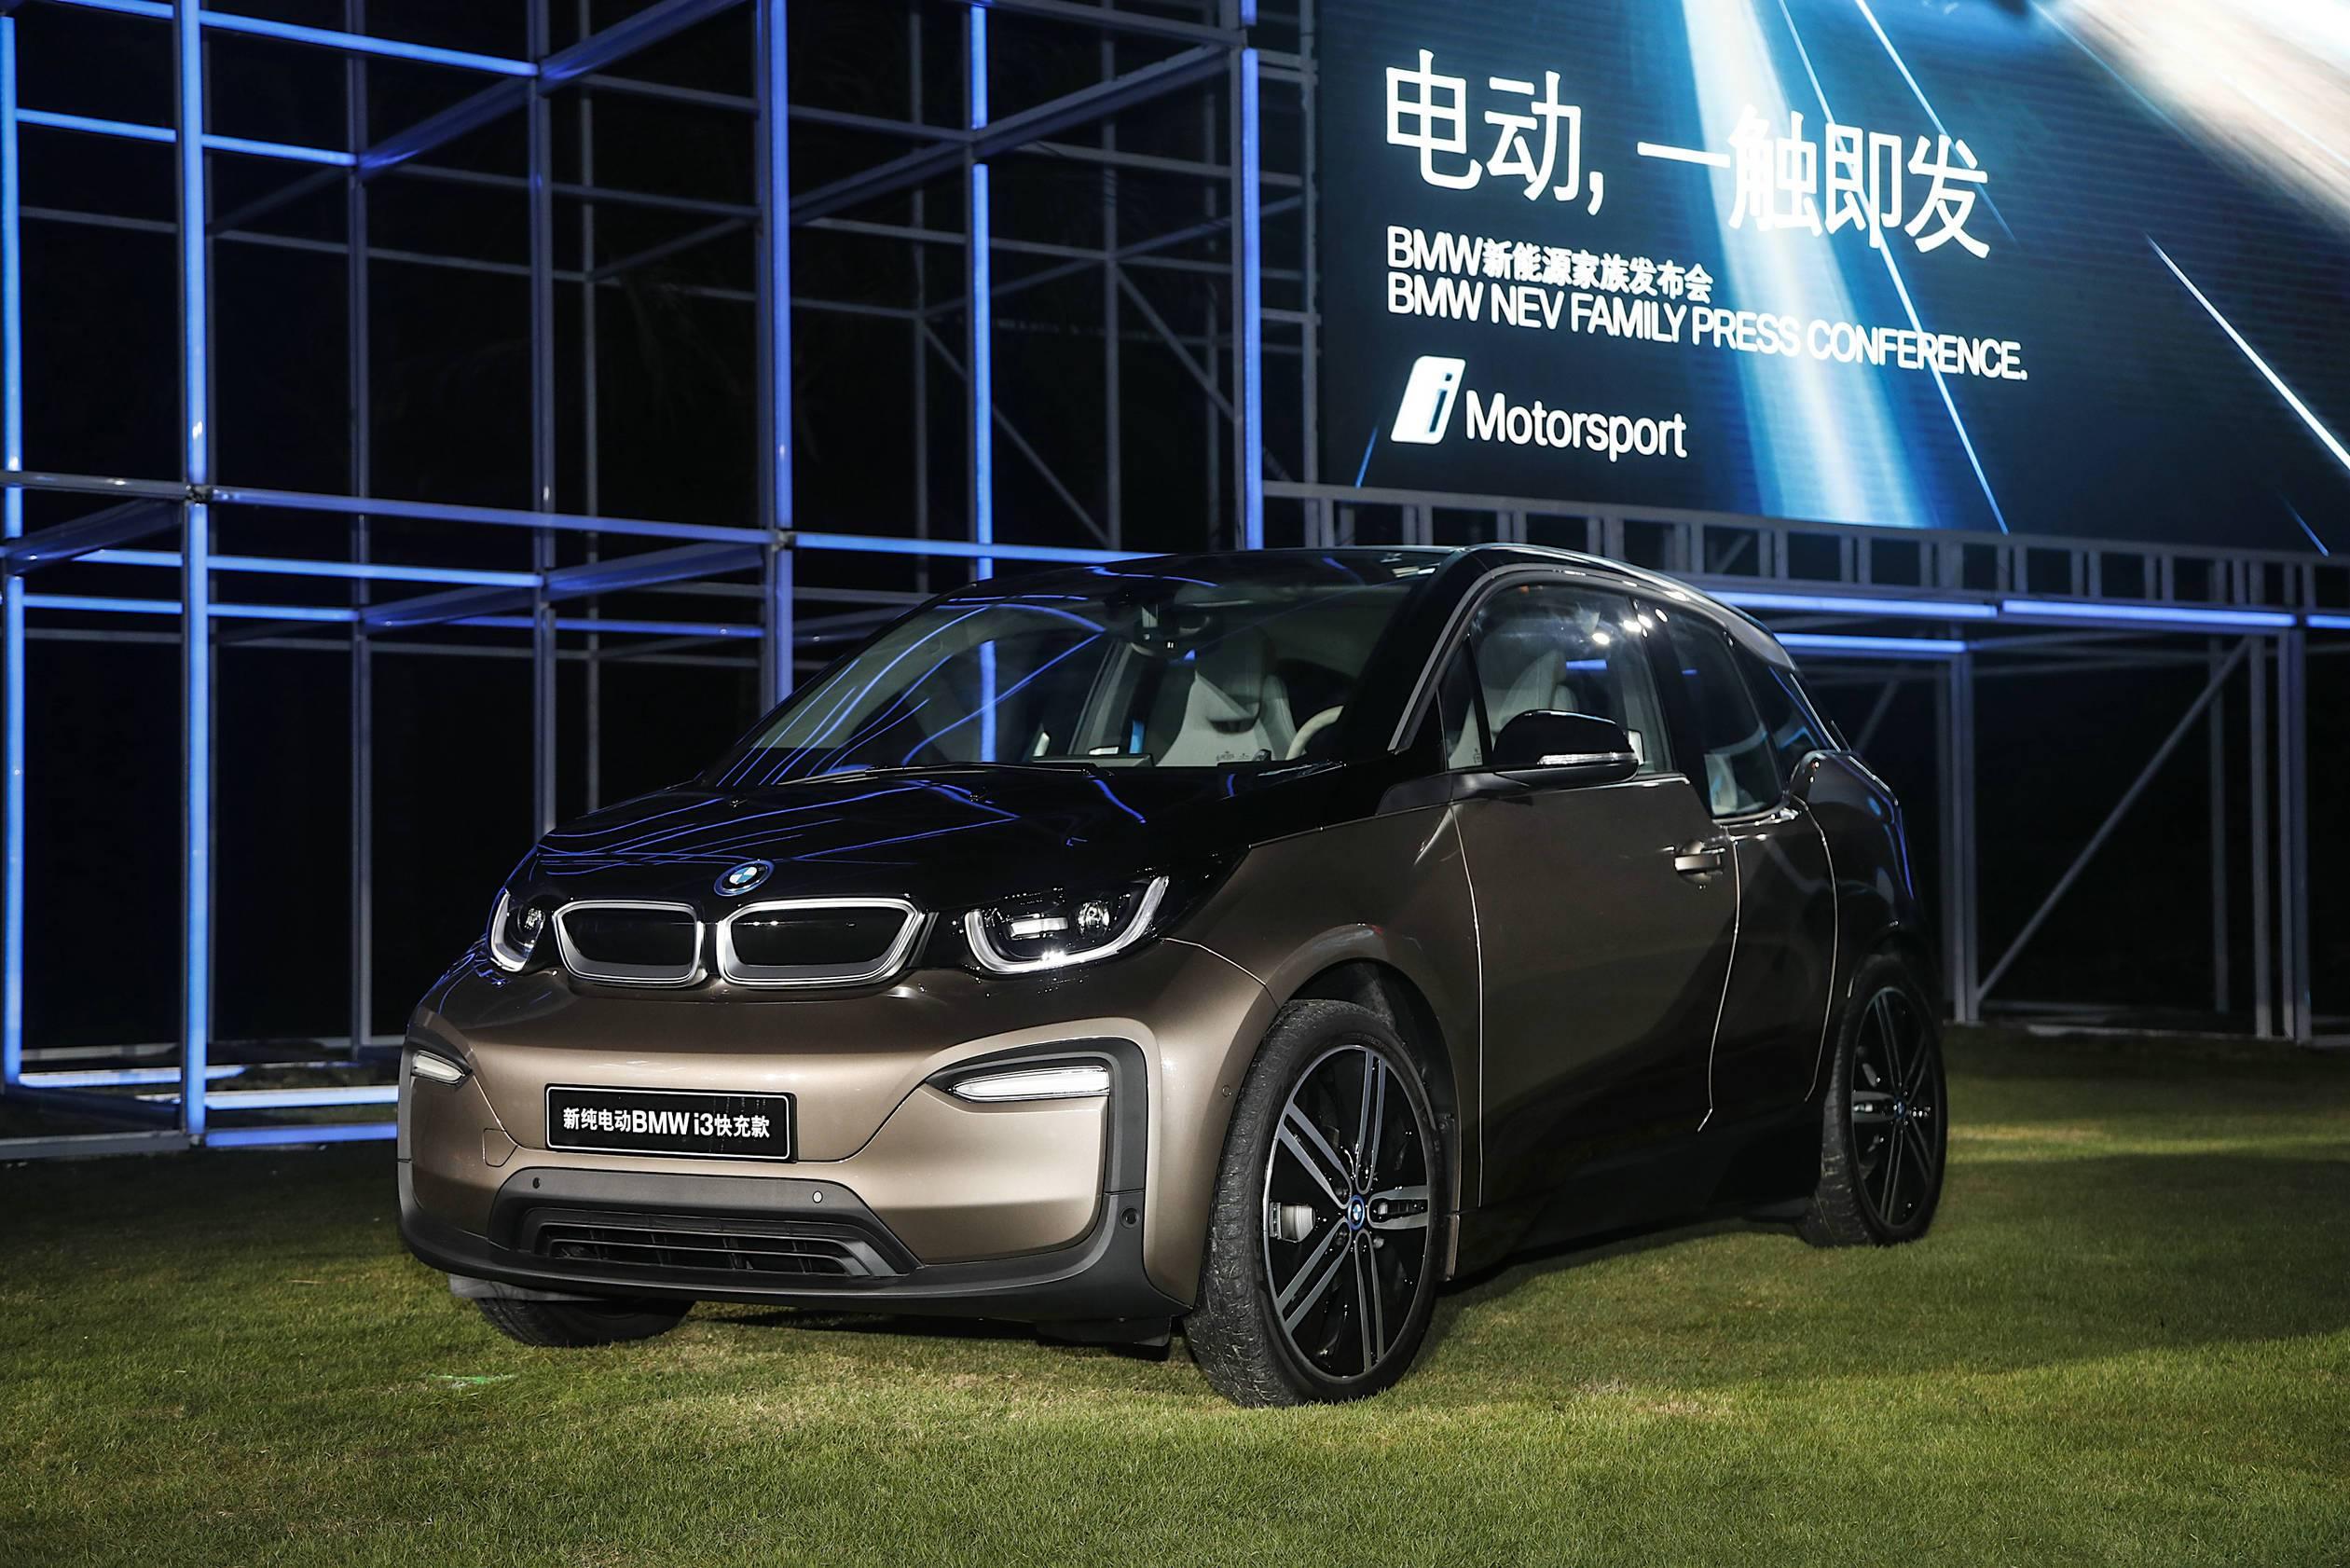 05.新纯电动BMW i3快充款.jpg